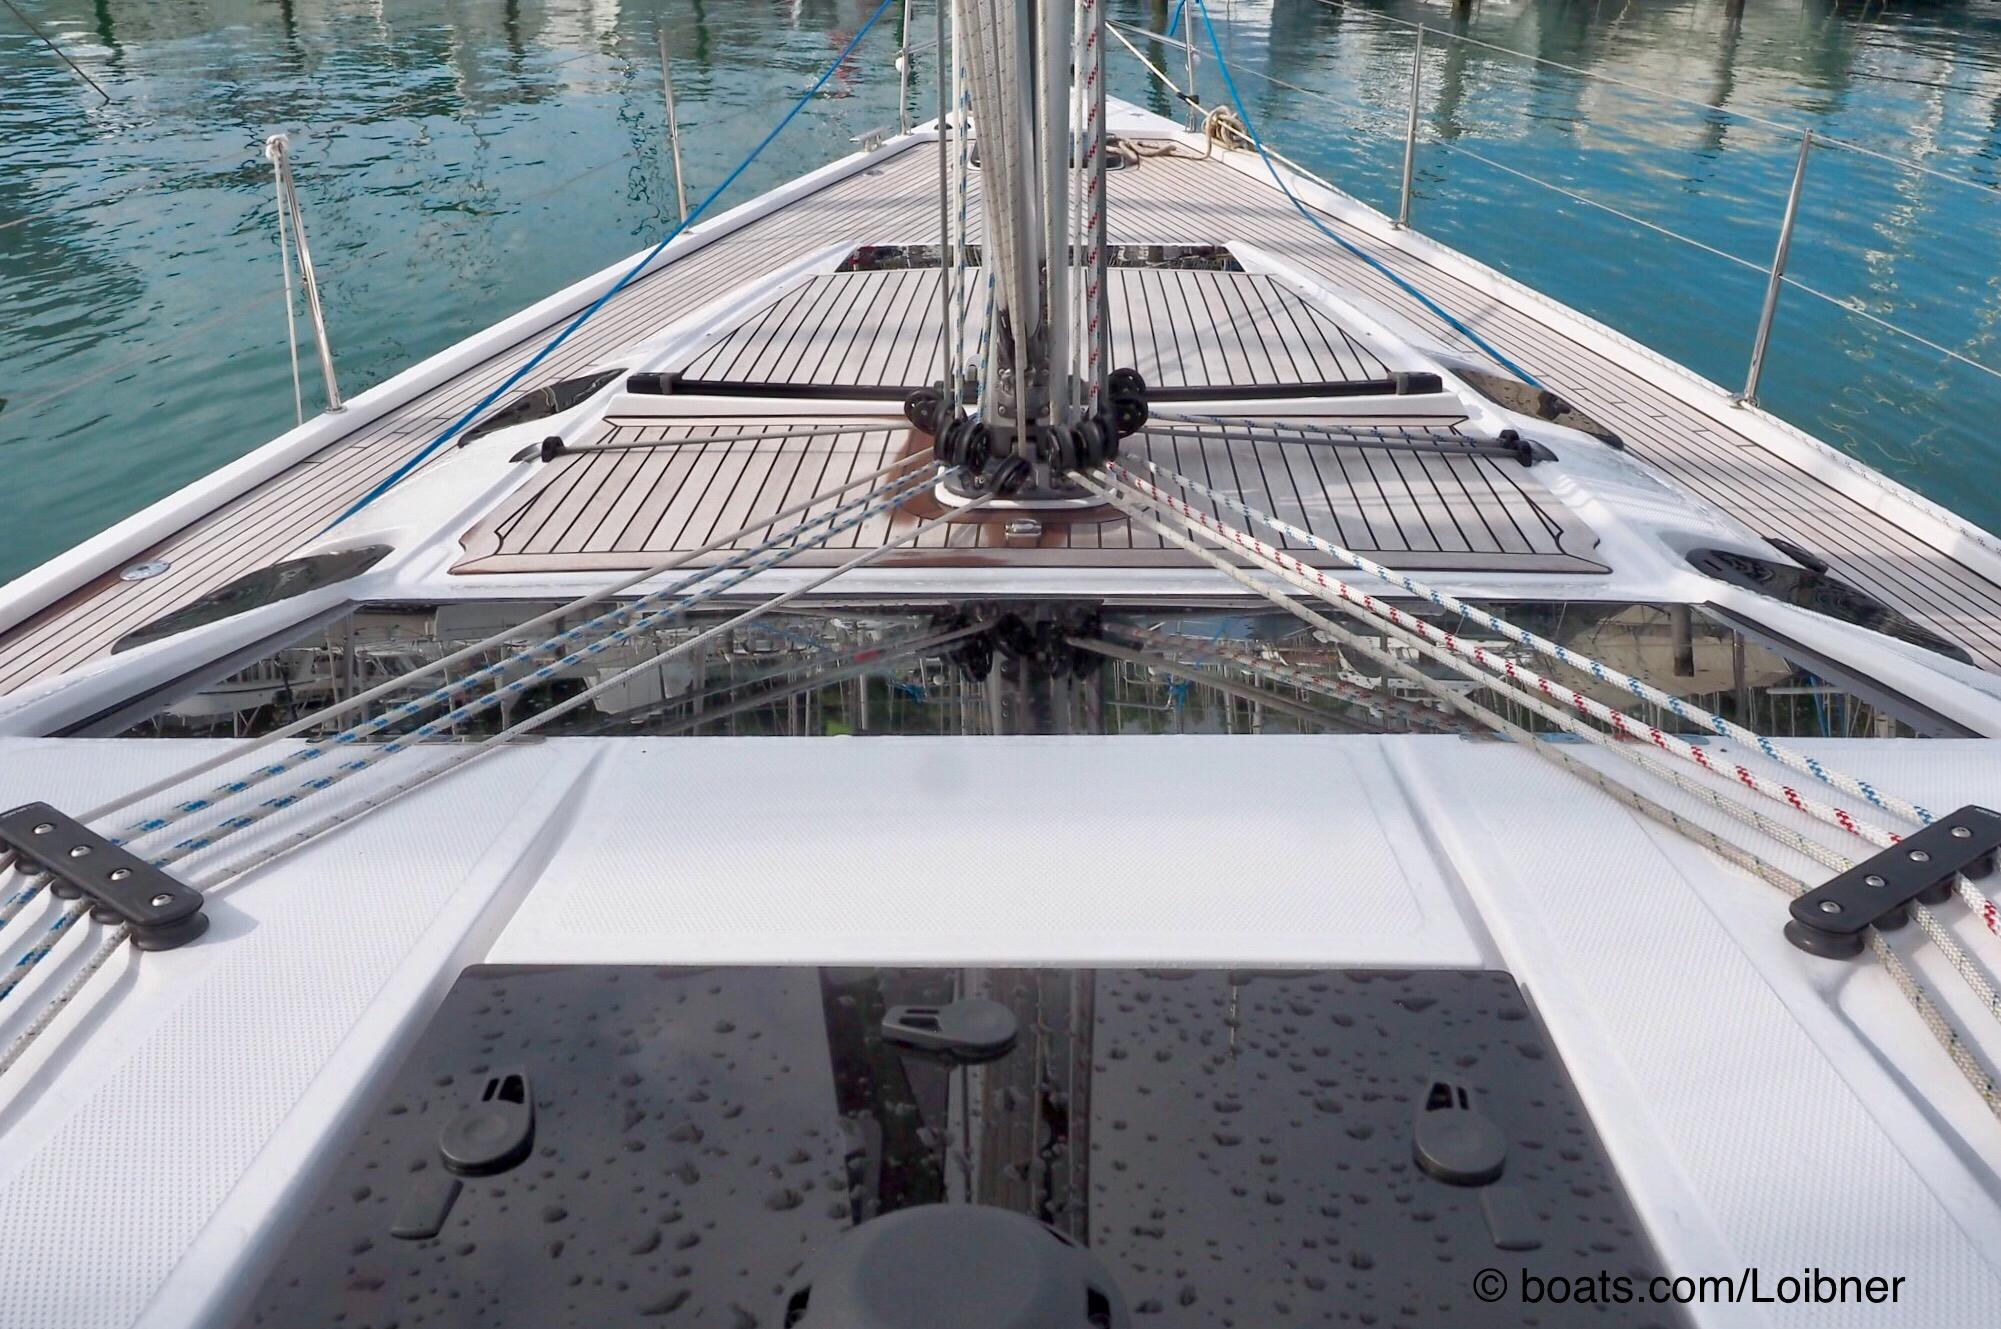 Teakdeckel: Das Vorschiff der Impression 50 mit dem edlen Belag, den bündigen Luken und der gelungenen Umlenkung der Trimmleinen Foto: boats.com/Loibner